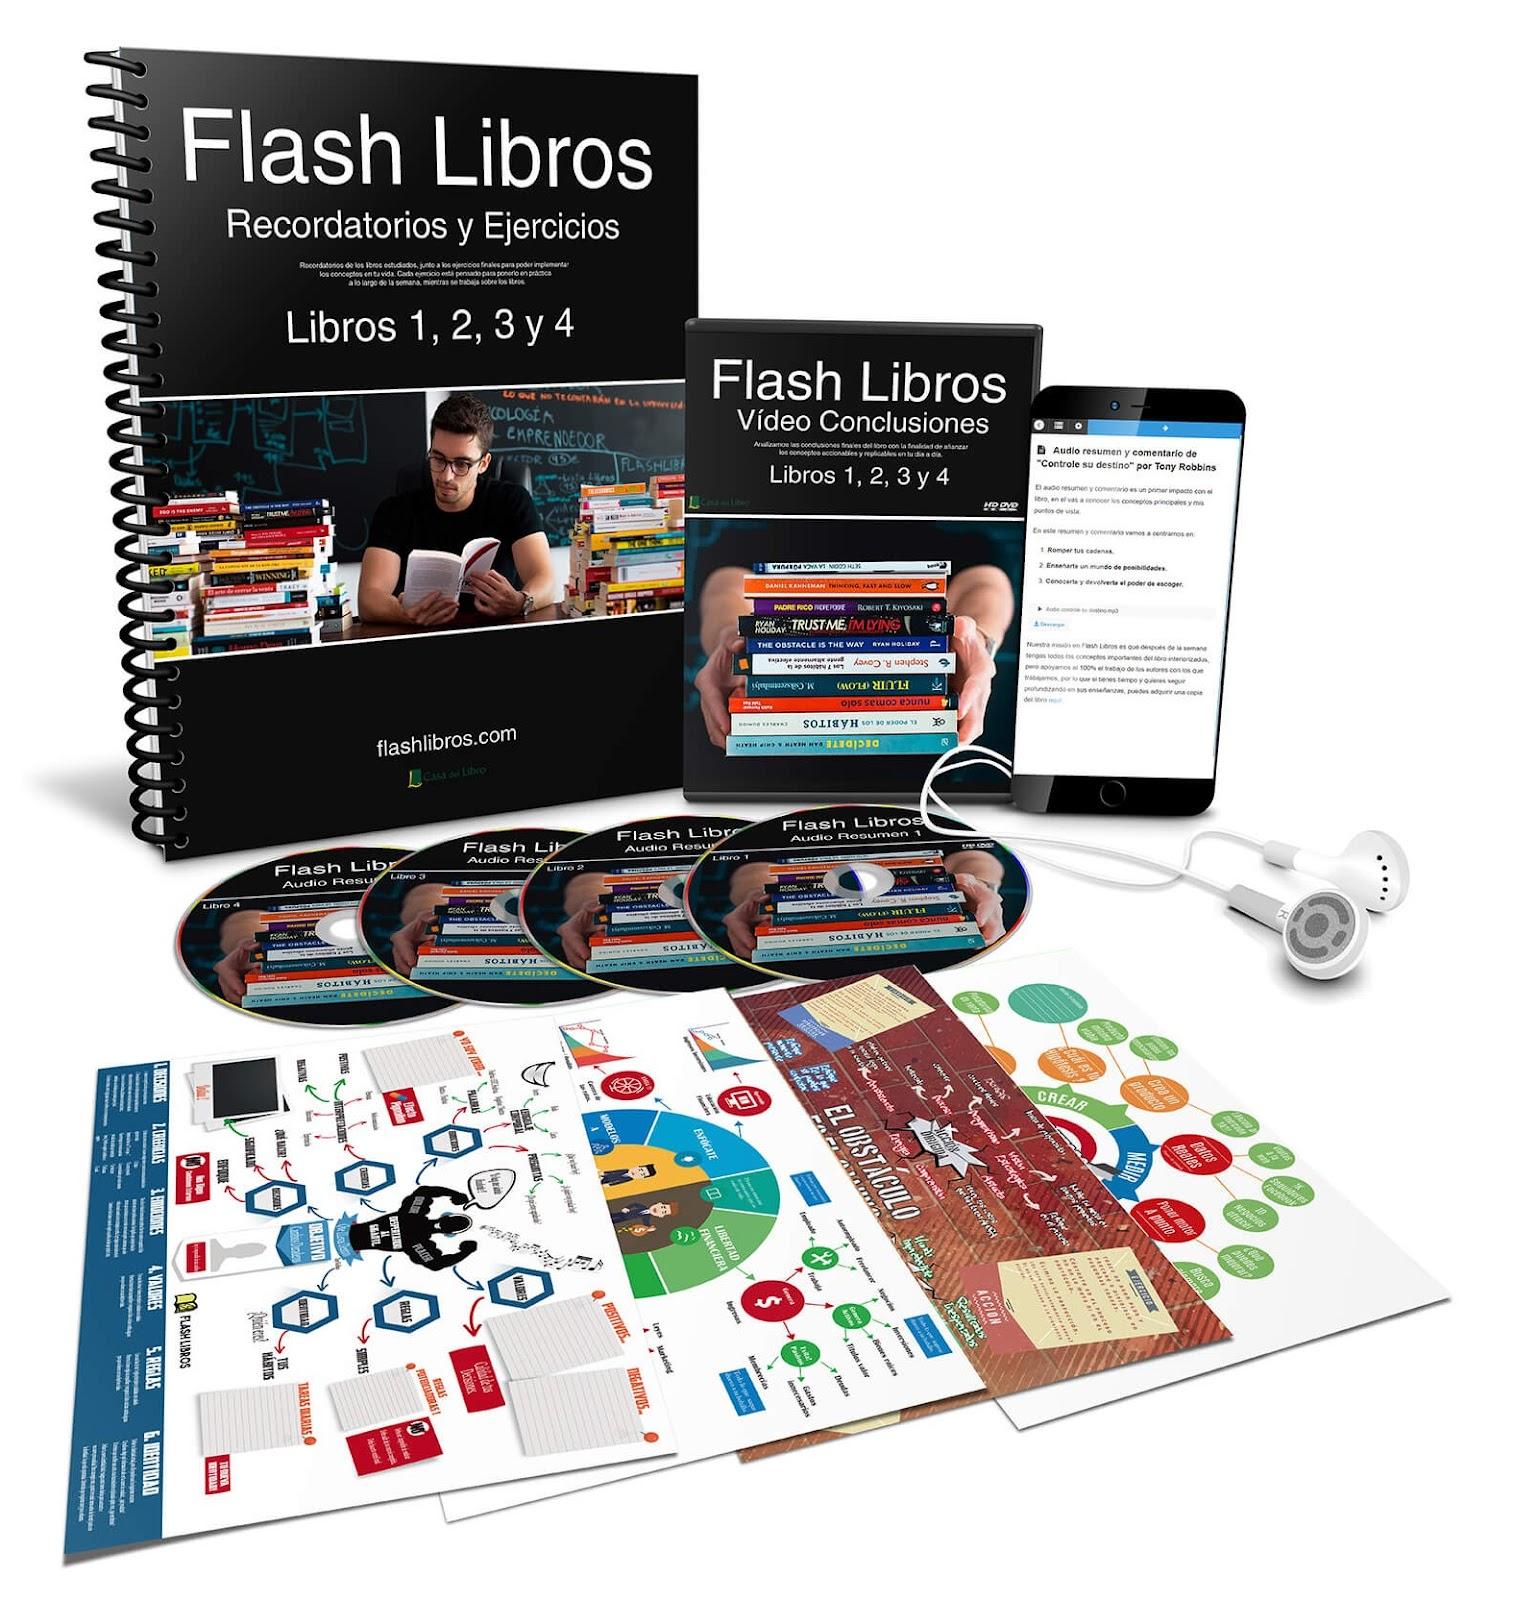 flash_libros_opiniones_cursos_euge_oller